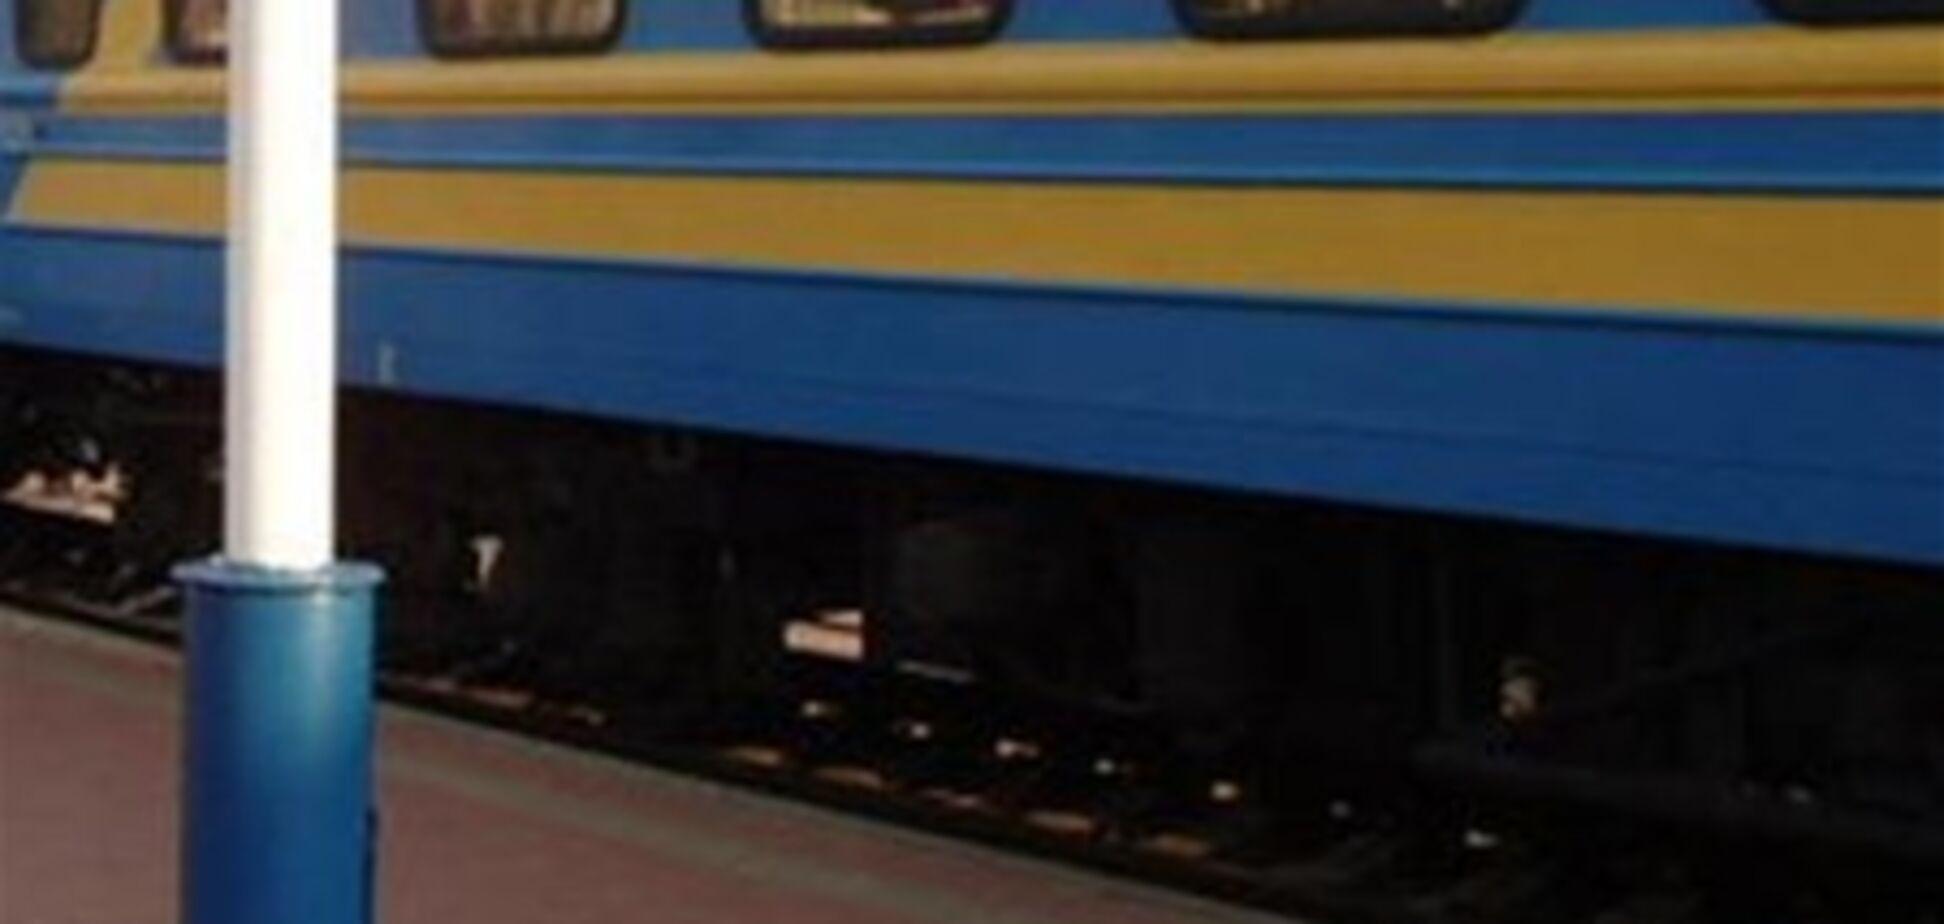 Хулиган заминировал вагон поезда 'Днепропетровск - Москва': 338 пассажиров эвакуировали